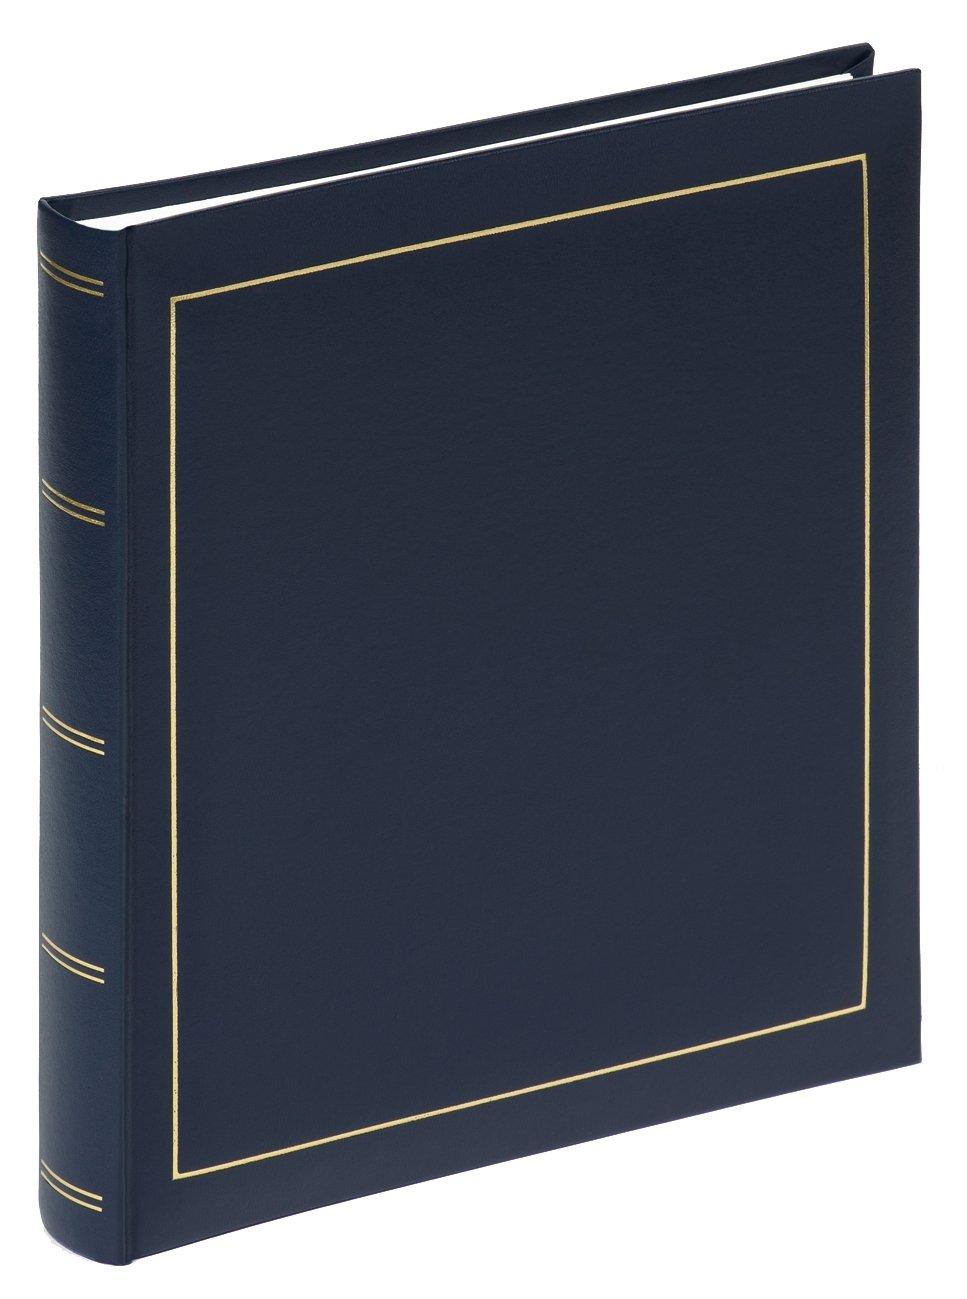 WALTHER MONZA samolepící 26x30, modrá